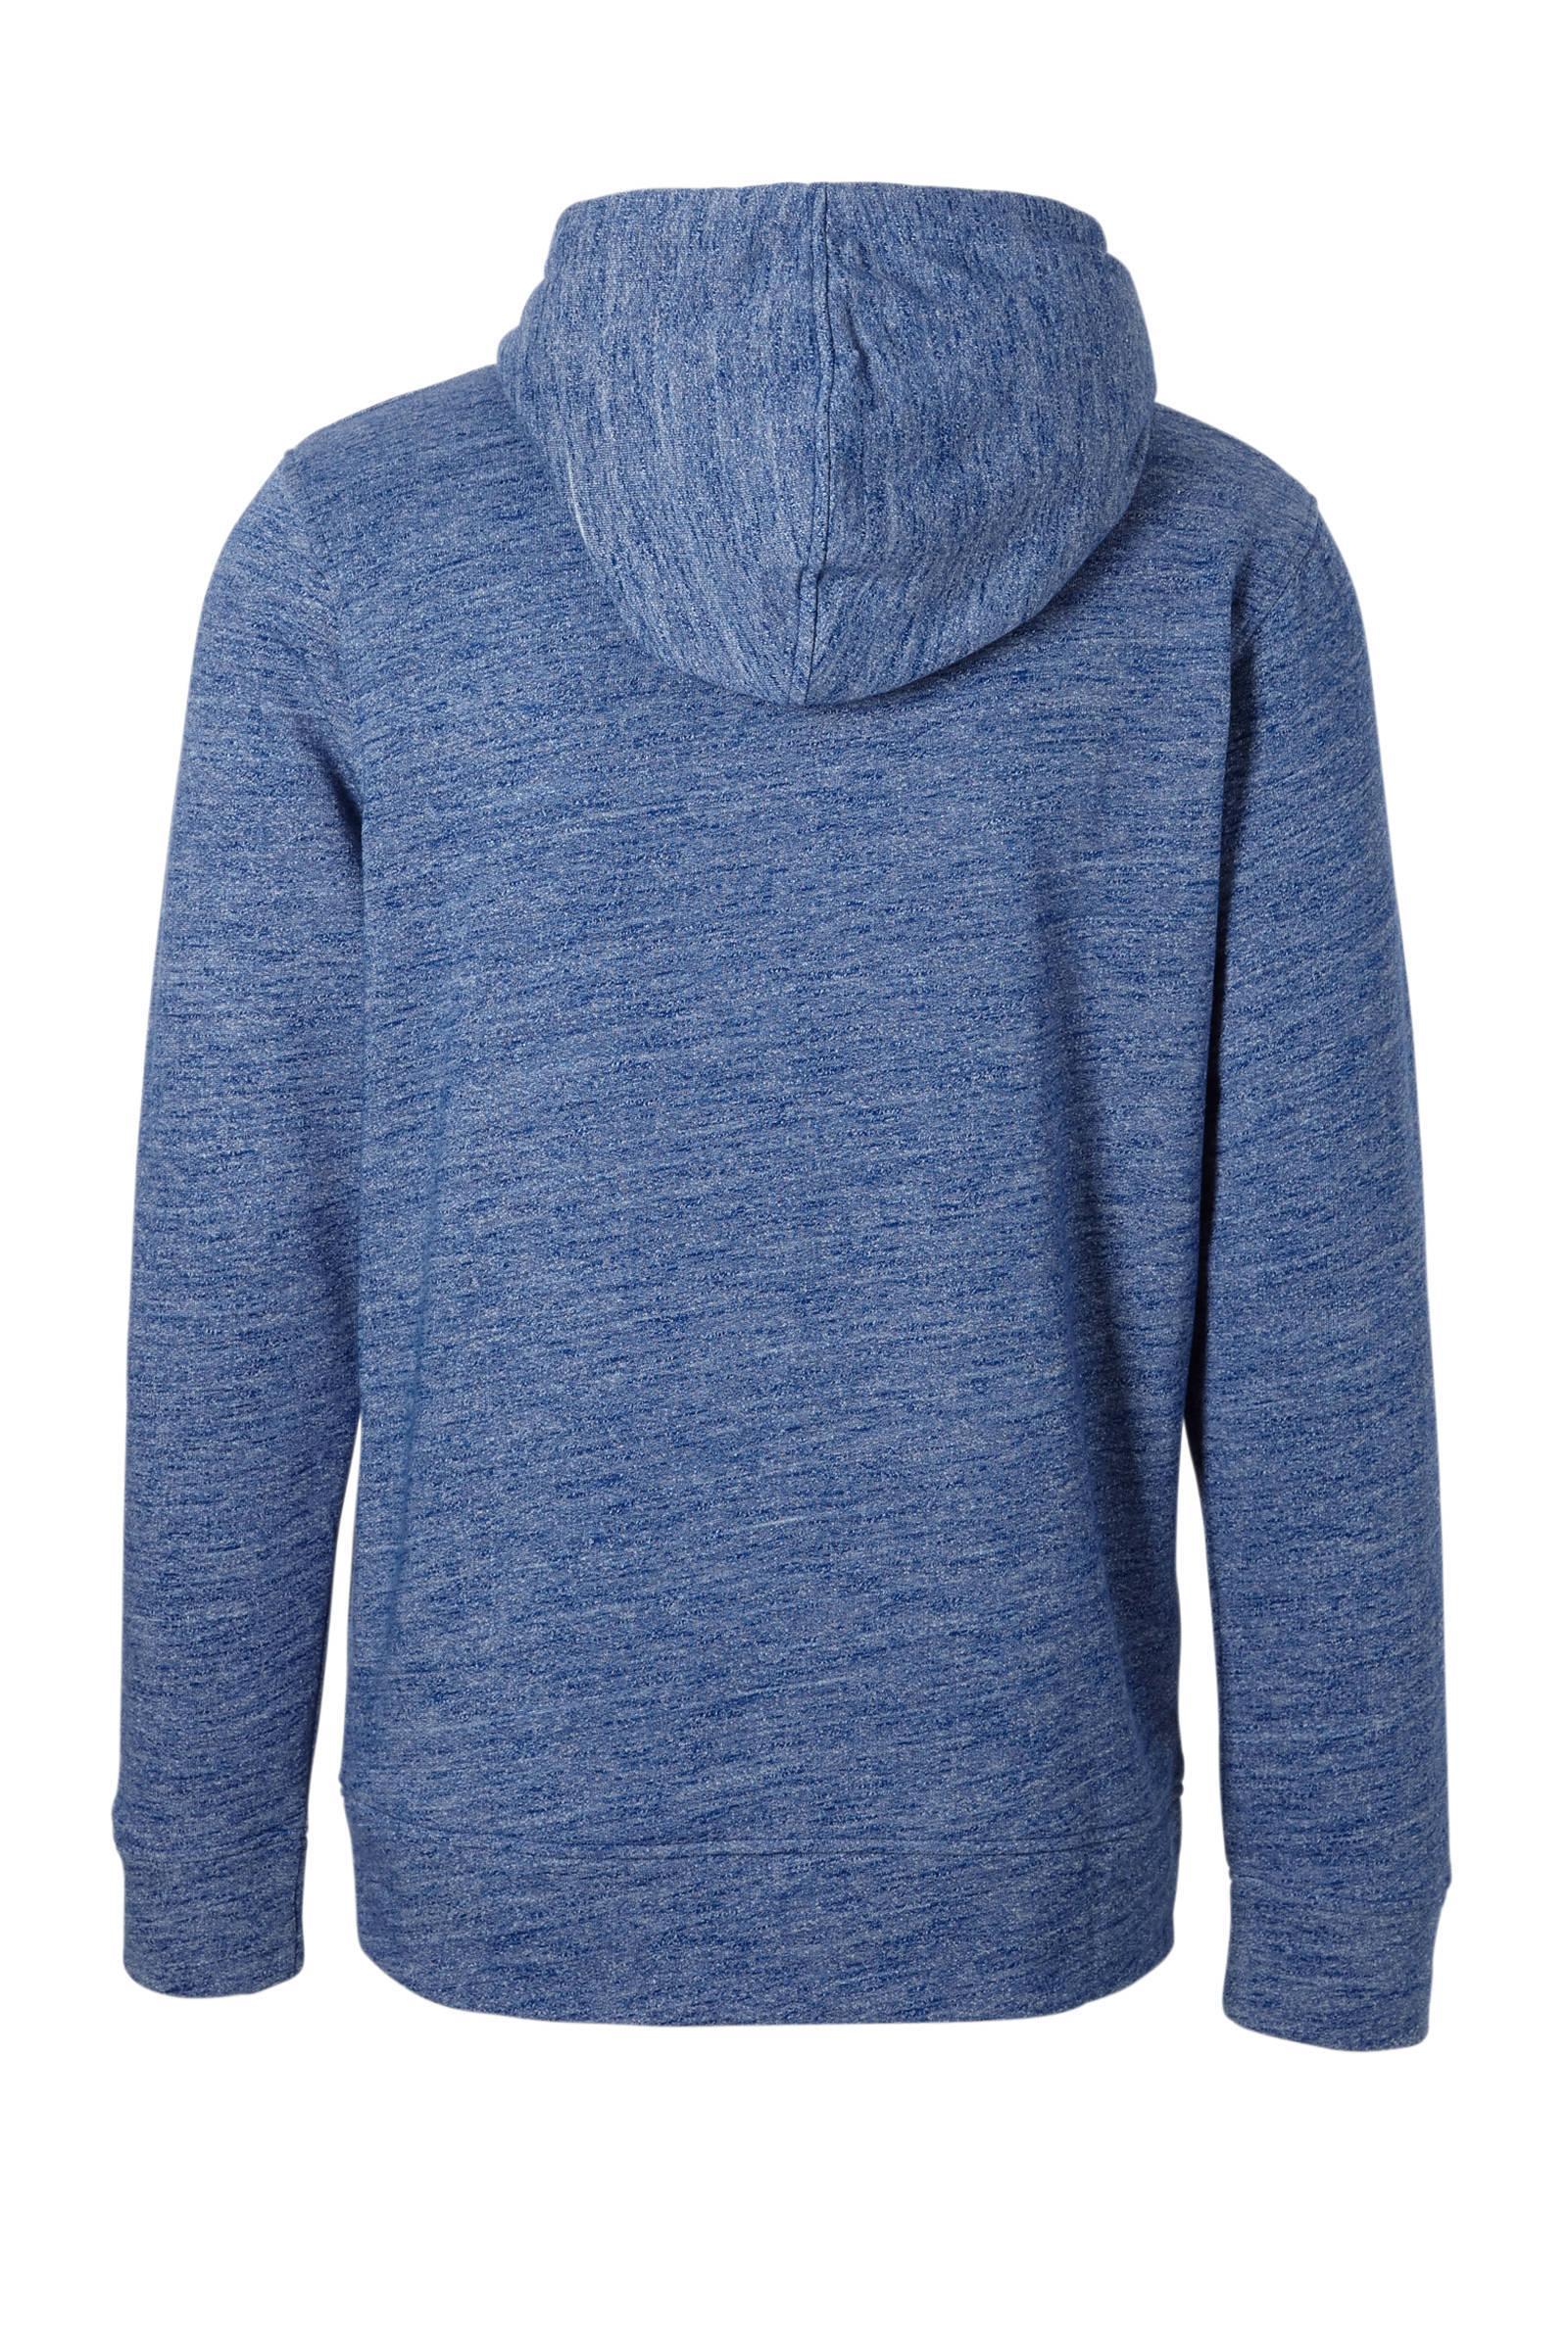 Jack & Jones Essentials Hooded Sweater in het Blauw voor heren